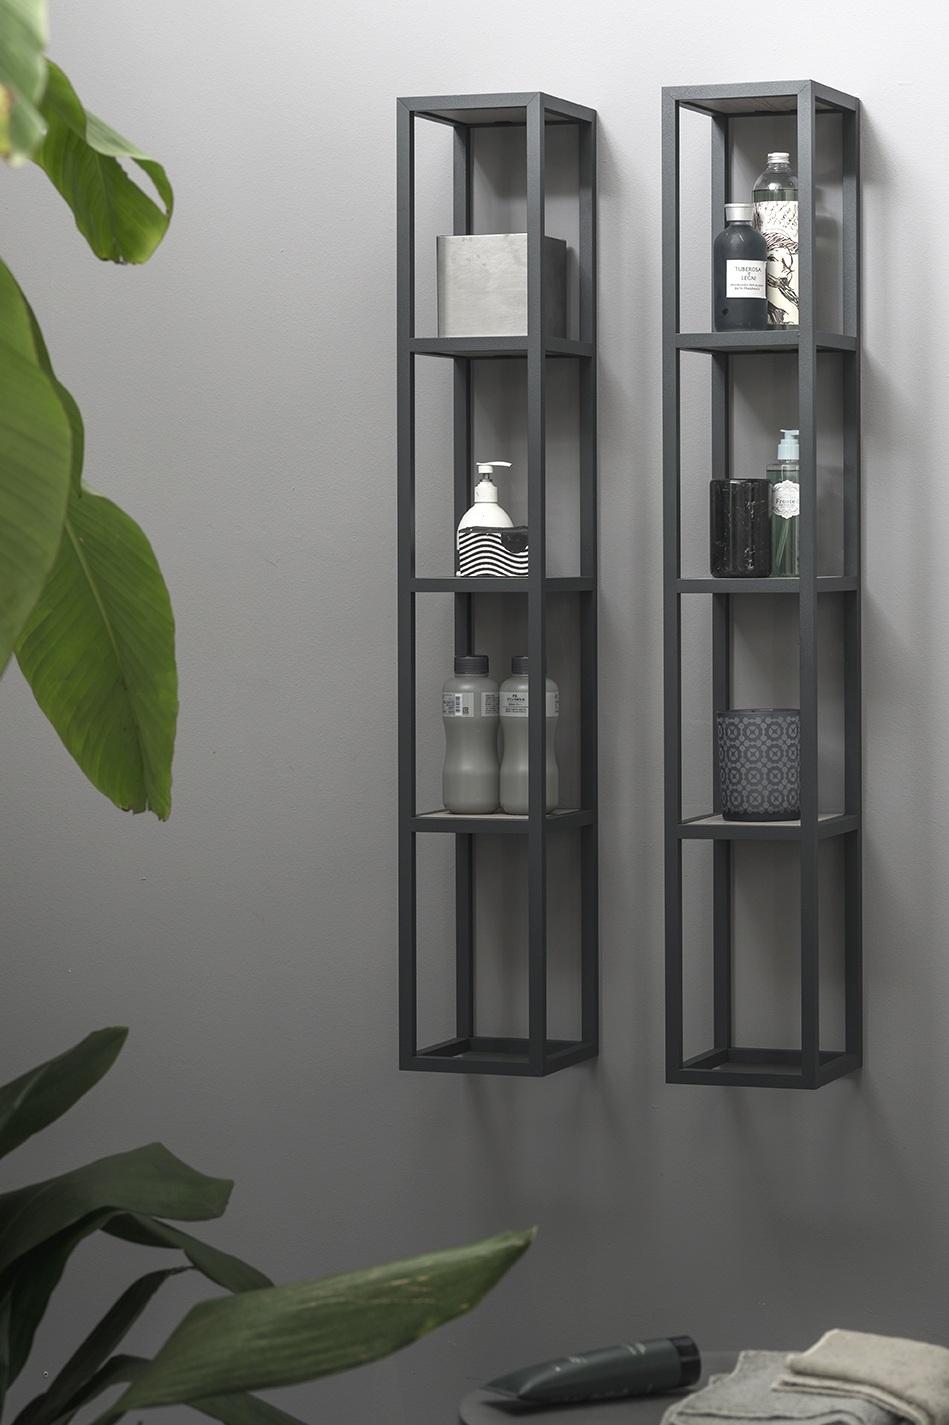 Complementi in metallo - I nuovi pensili a giorno in metallo hanno ripiani e strutture personalizzabili, disponibili in tante misure per poter essere disposti a parete o di fianco le basi.